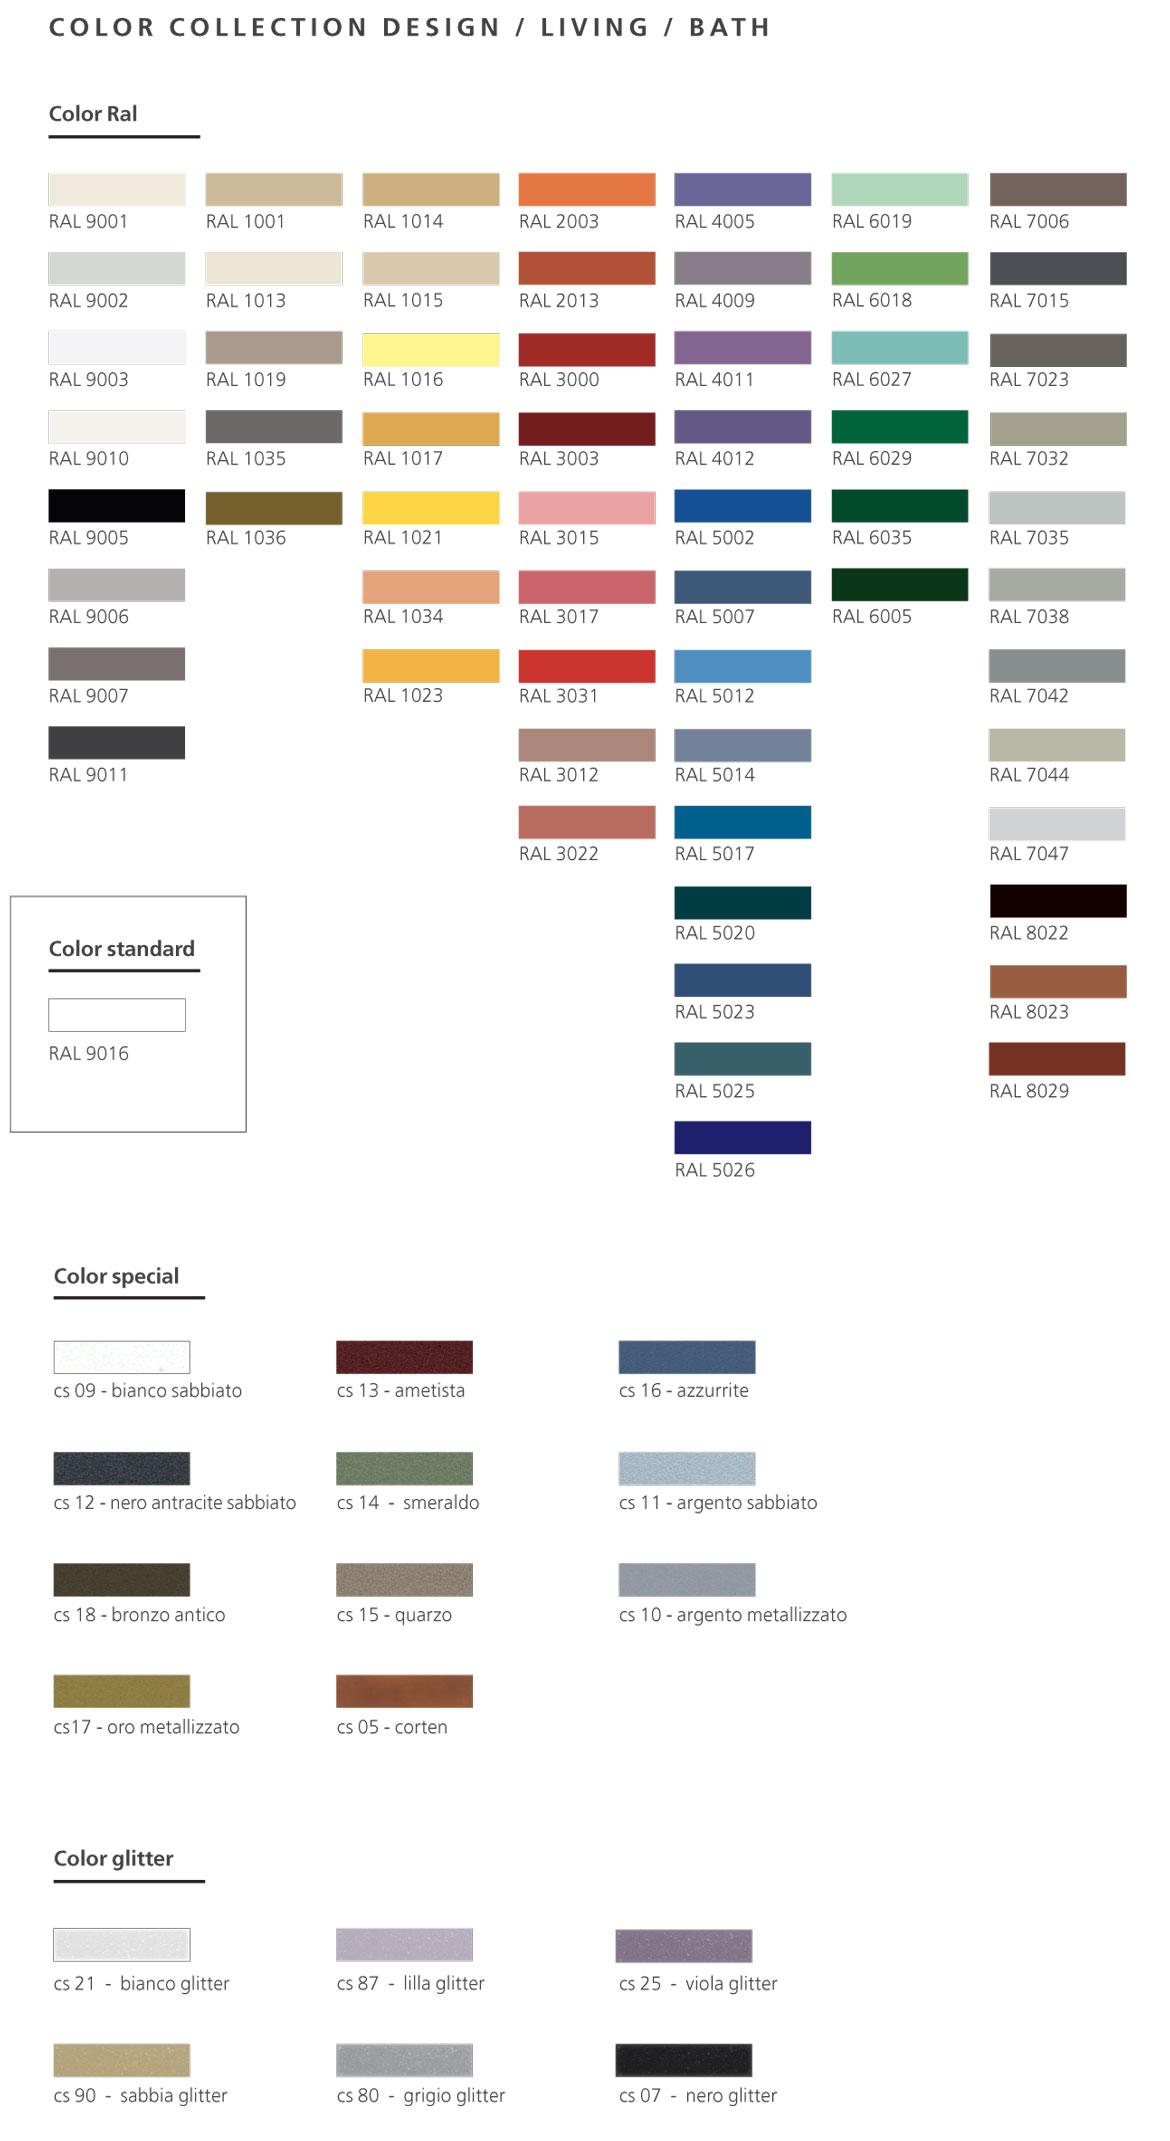 tabella-colori-Graziano-living-bath-design-2019